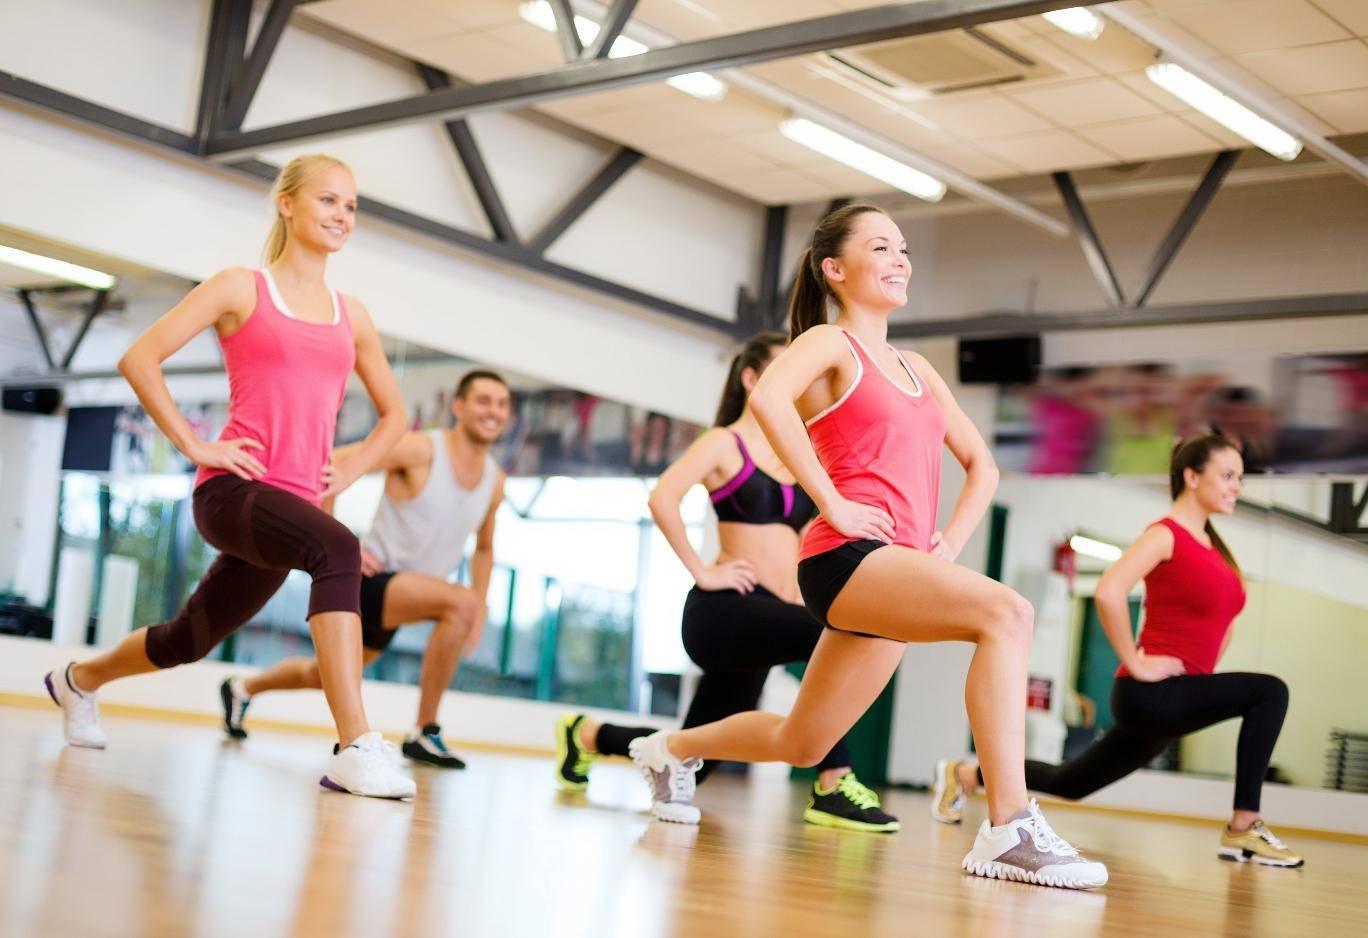 Какие упражнения нельзя делать при варикозе ног, а какие будут полезны?